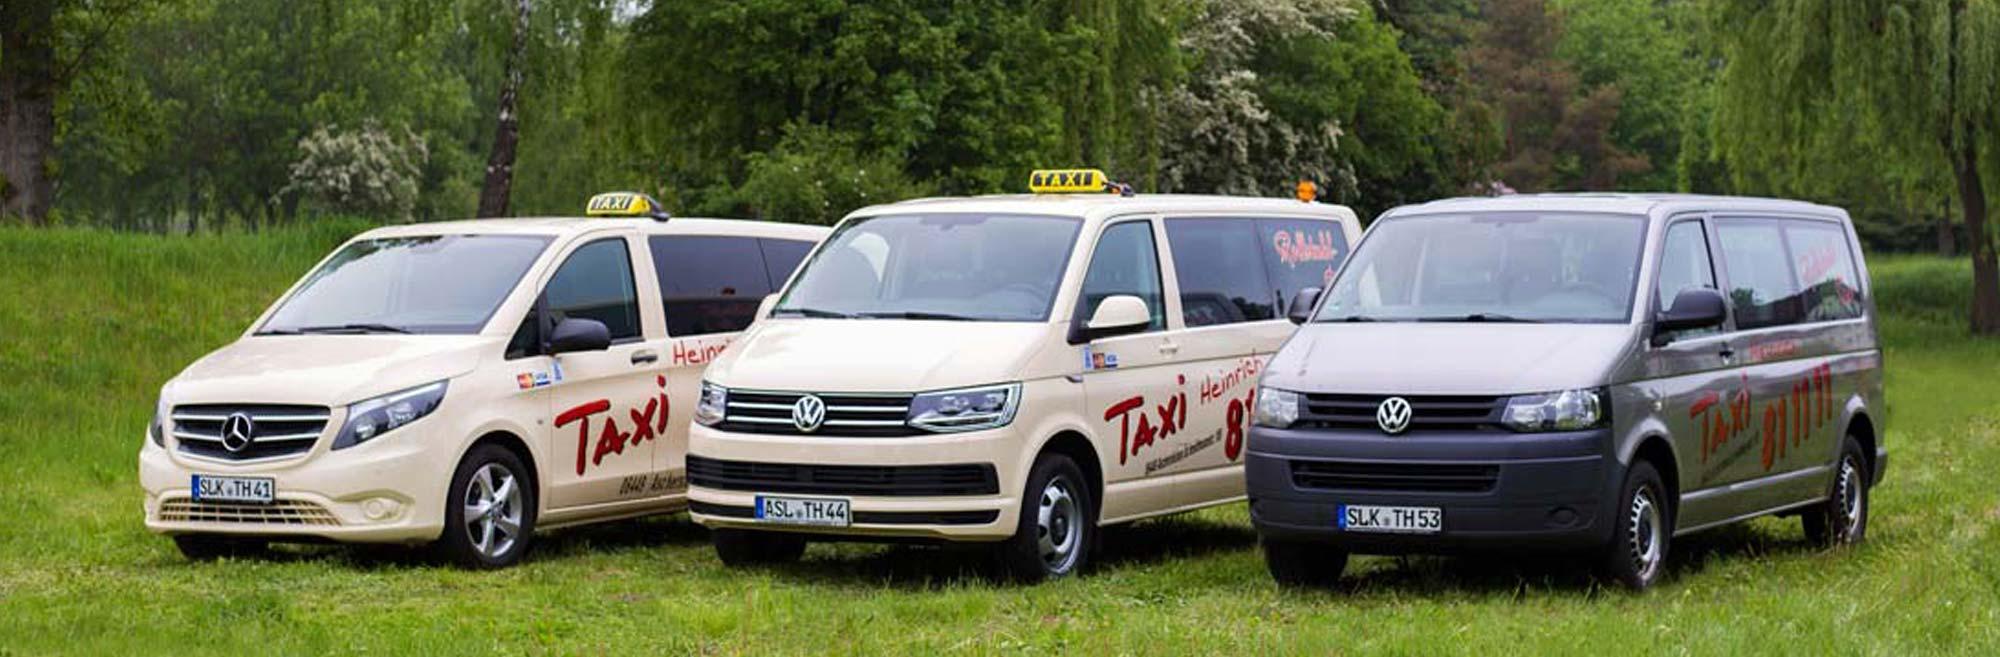 taxi-heinrich2